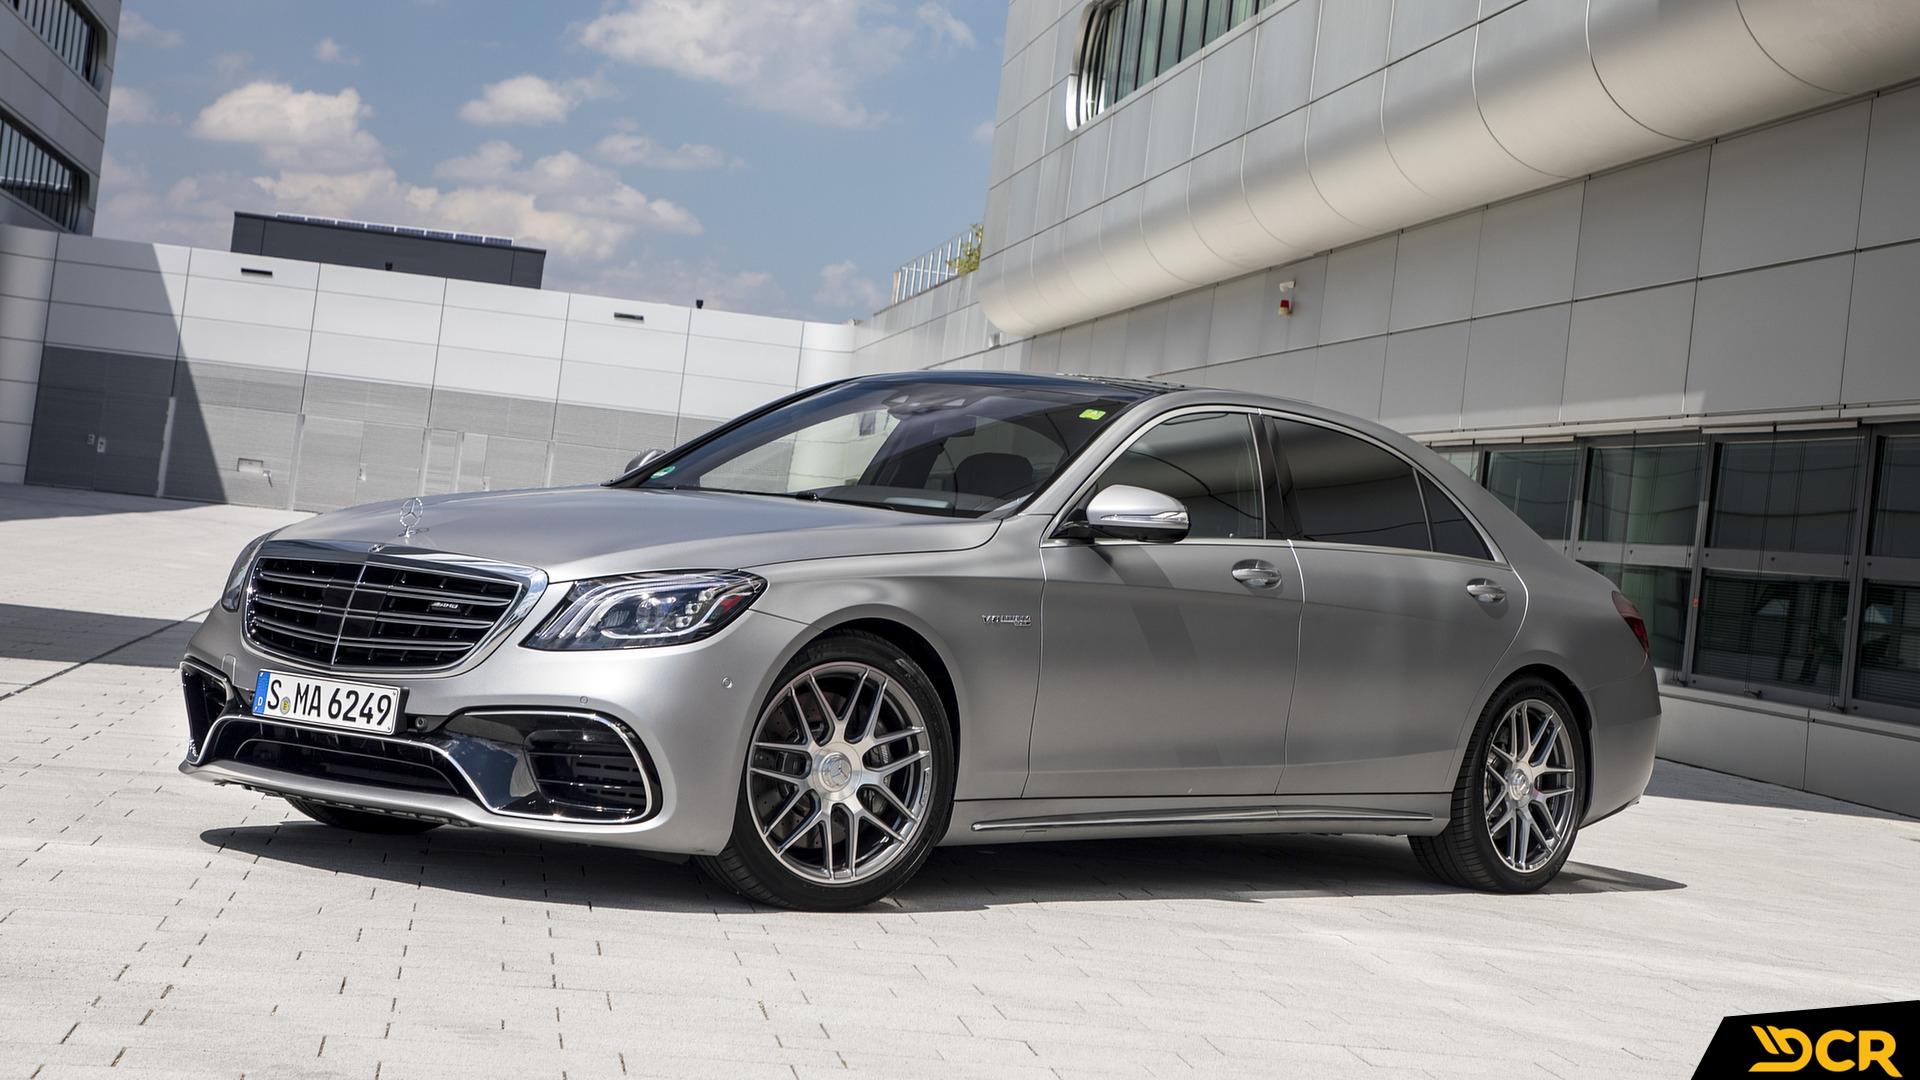 Mercedes-Benz S-Class (S63)